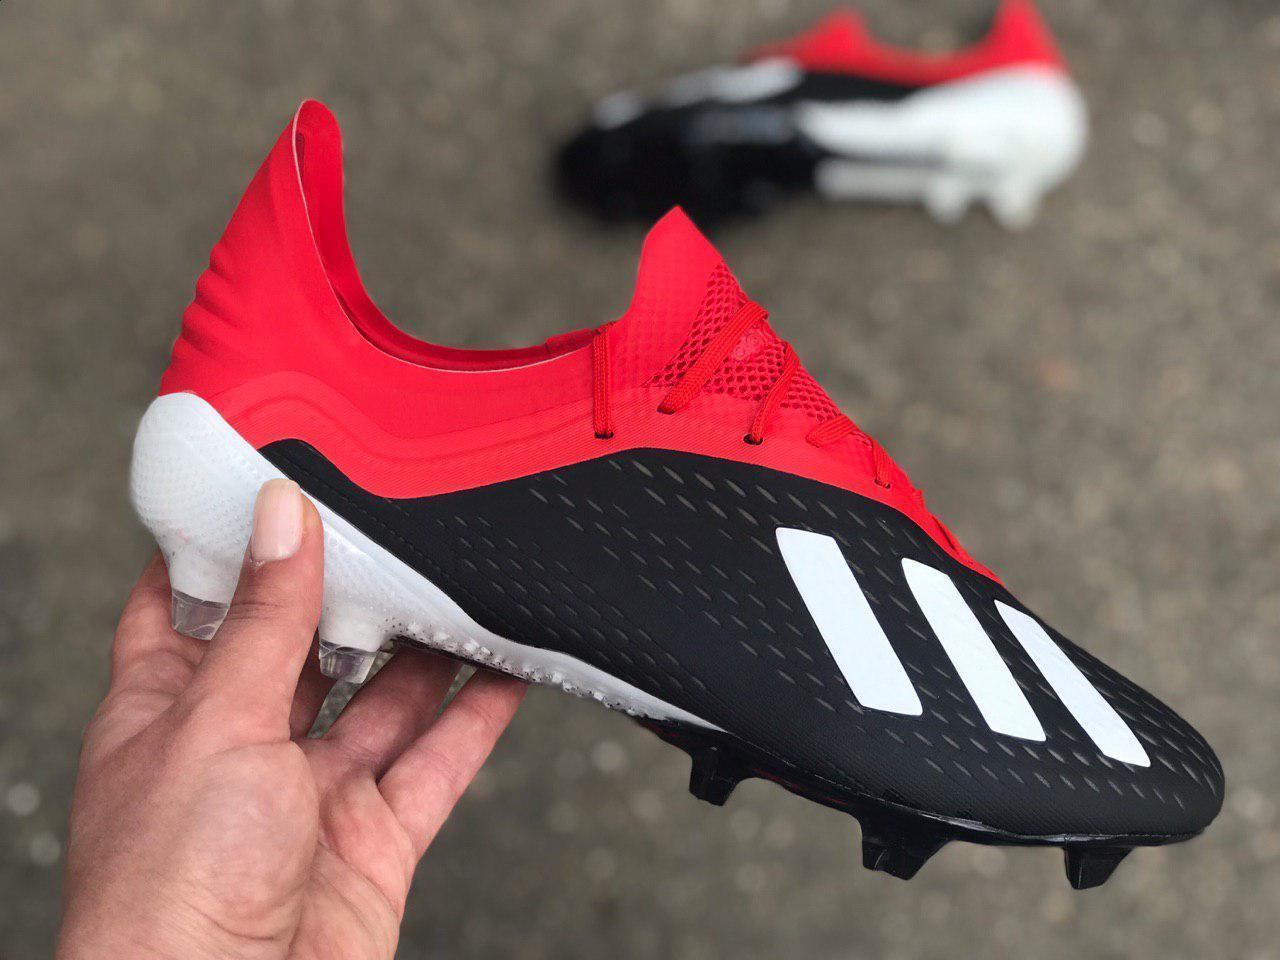 Бутсы для футбола Adidas X 18.1 красно-черные реплика